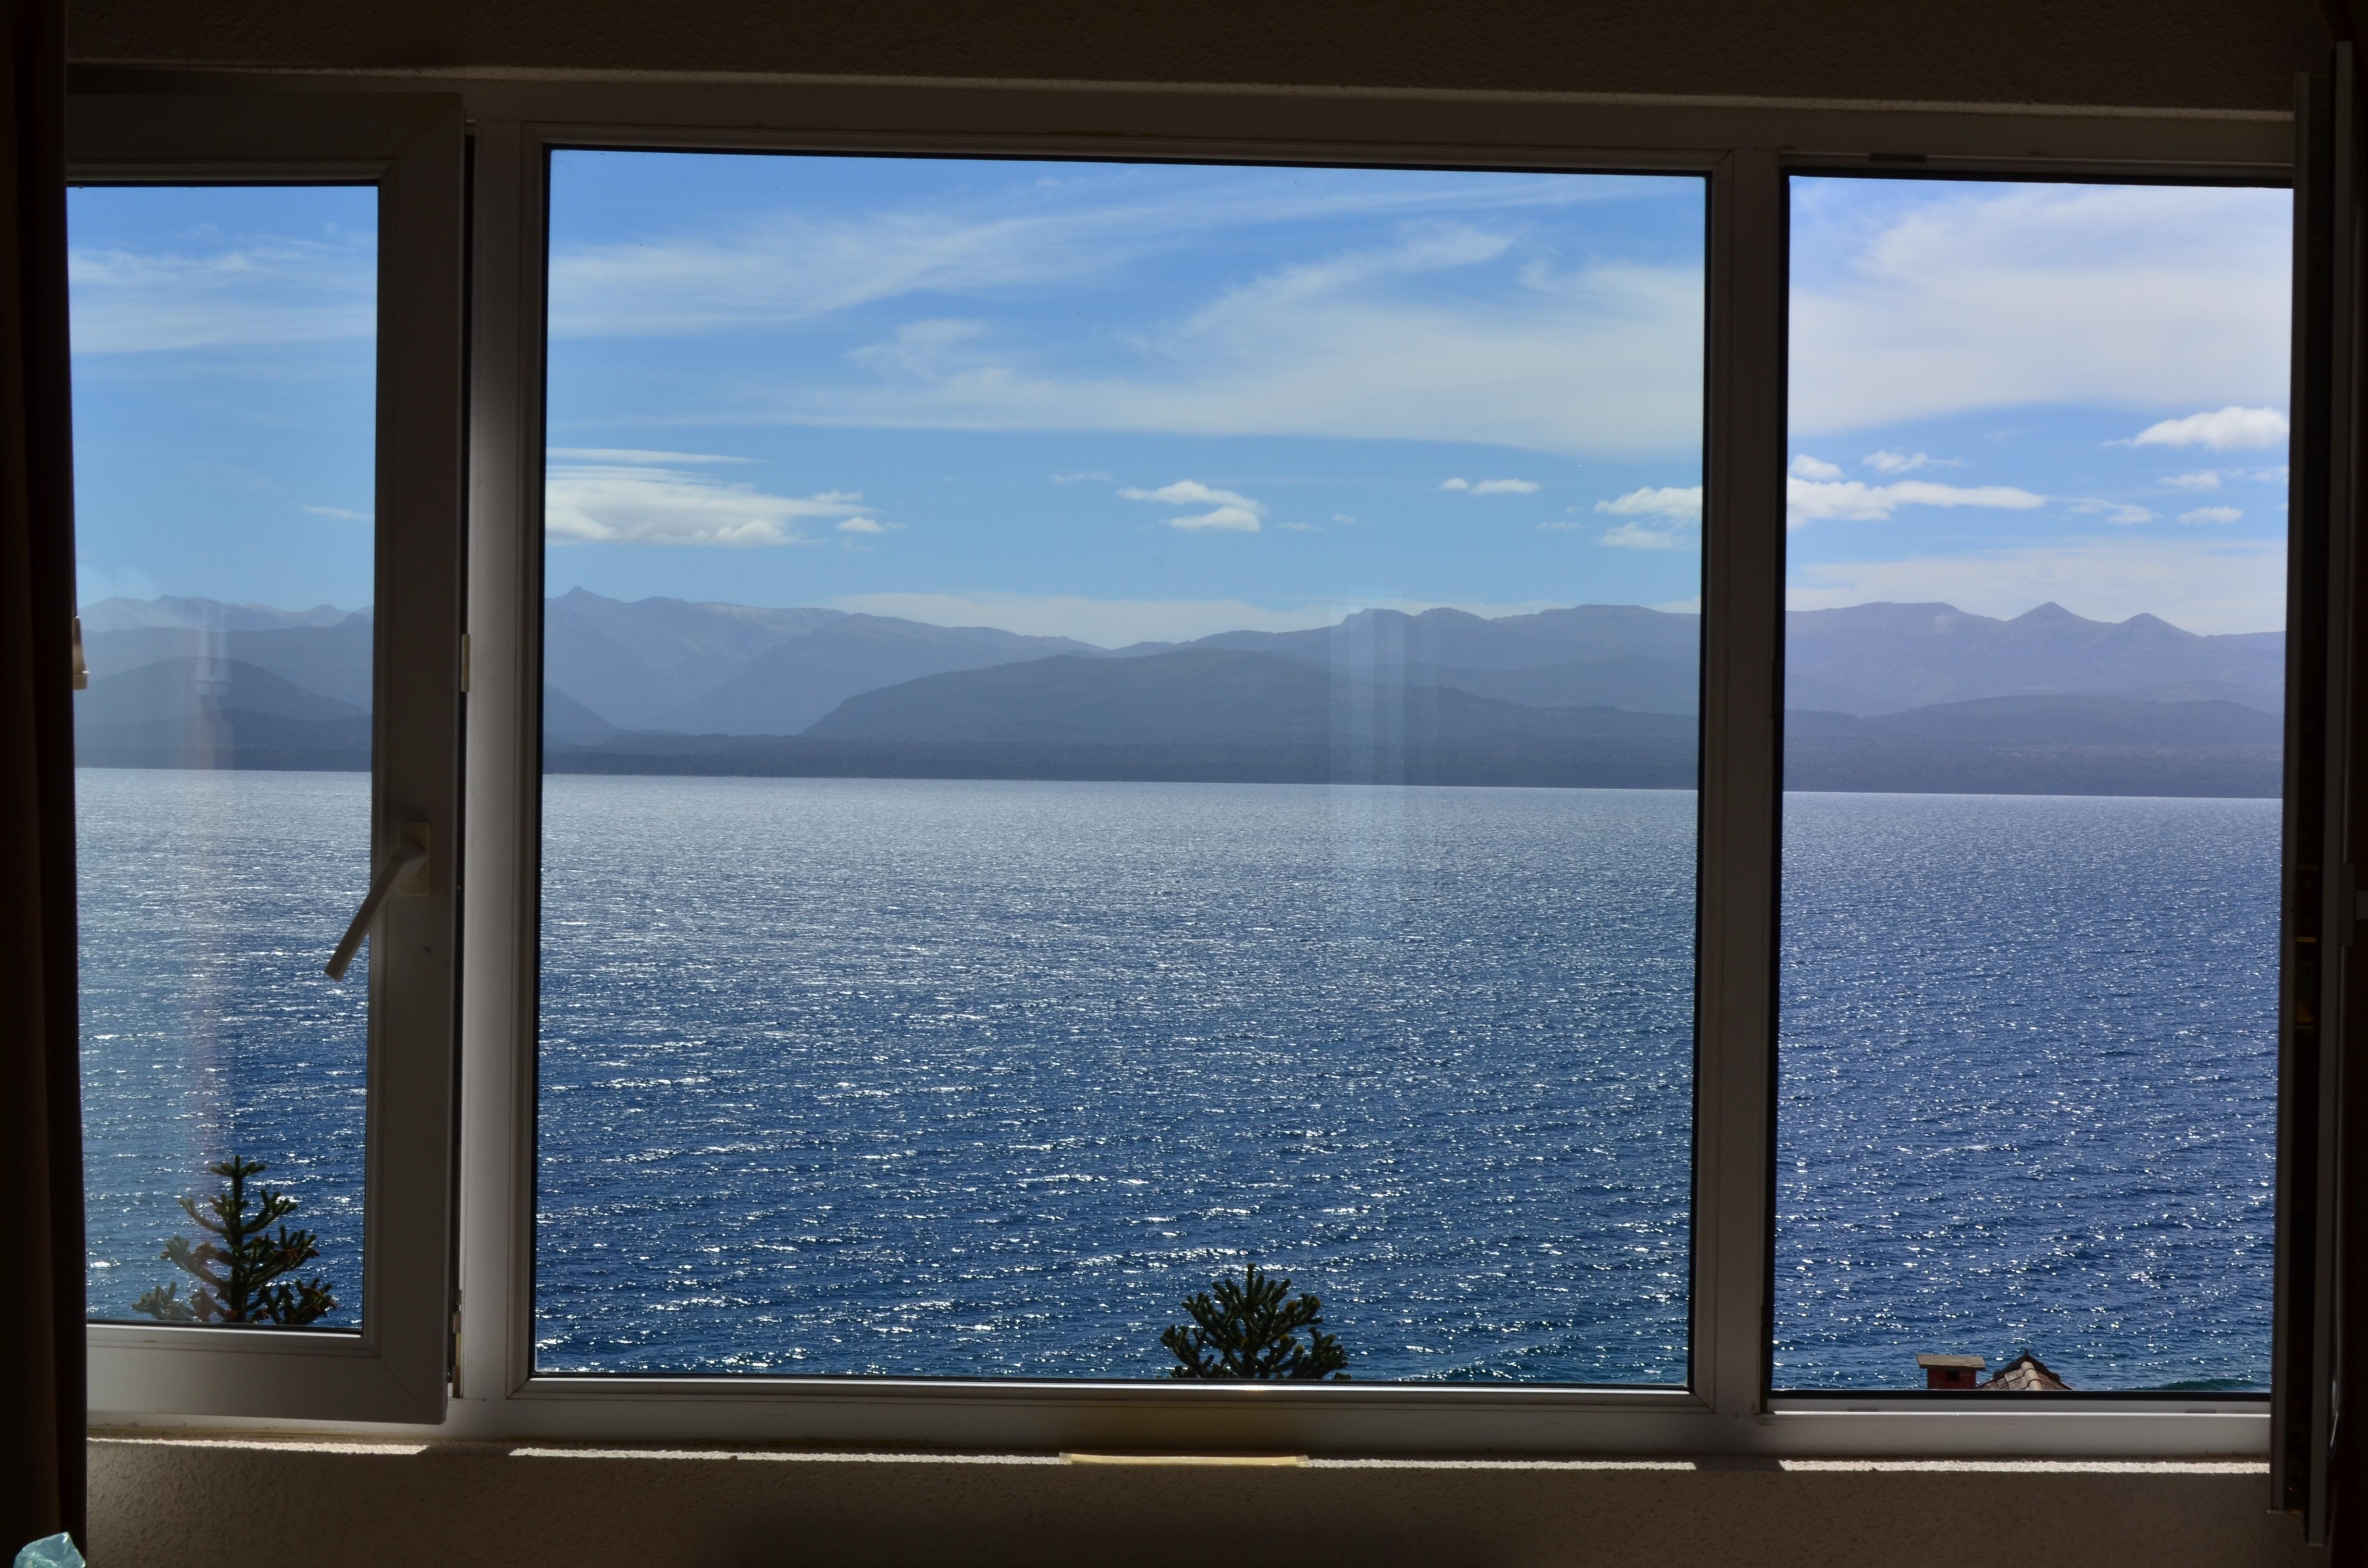 картинки широкоформатные вид из окна древнего художника